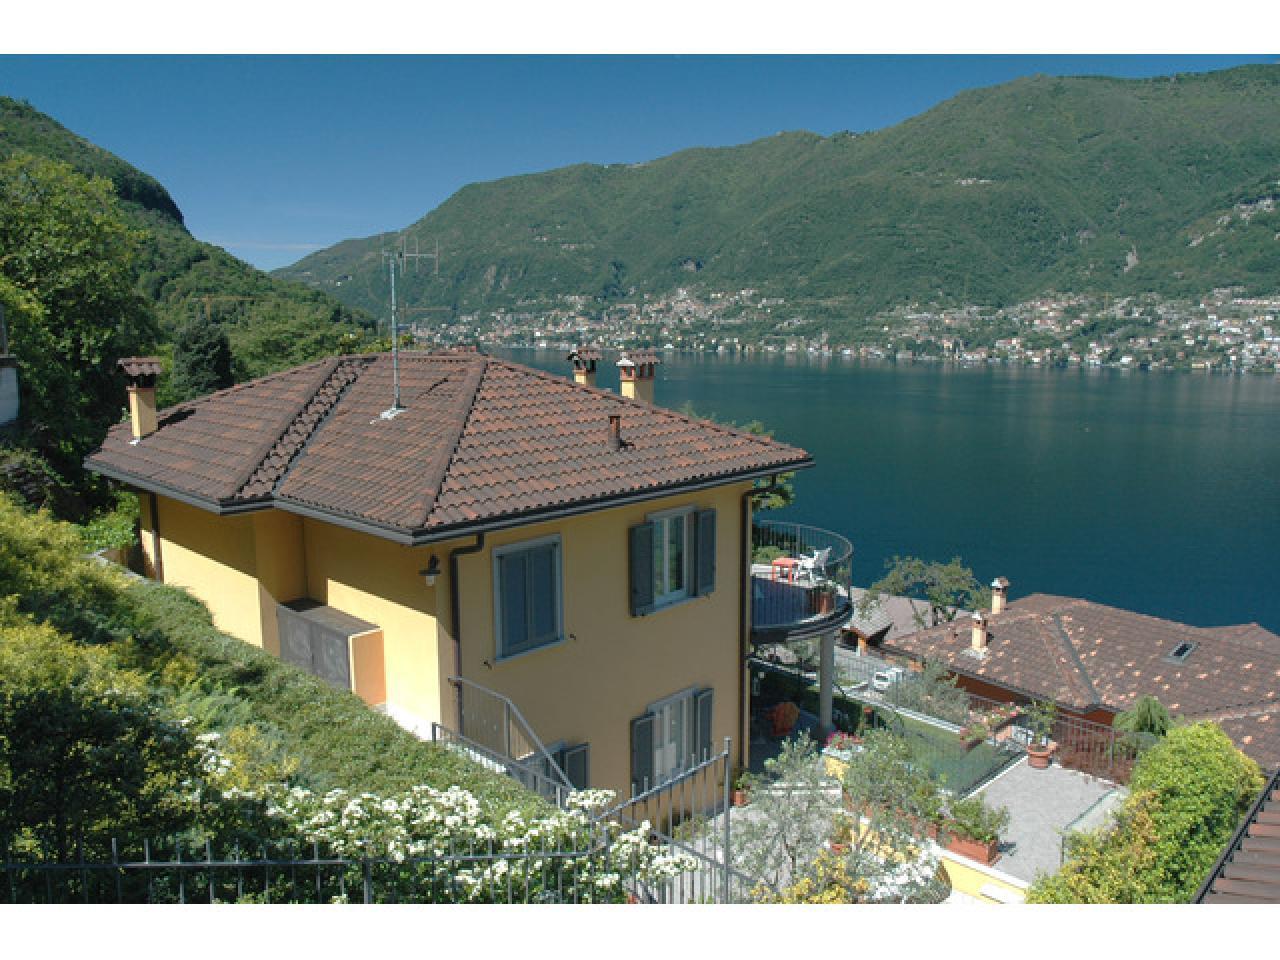 Вилла в Фаджето Ларио (Италия) на озере Комо - 1